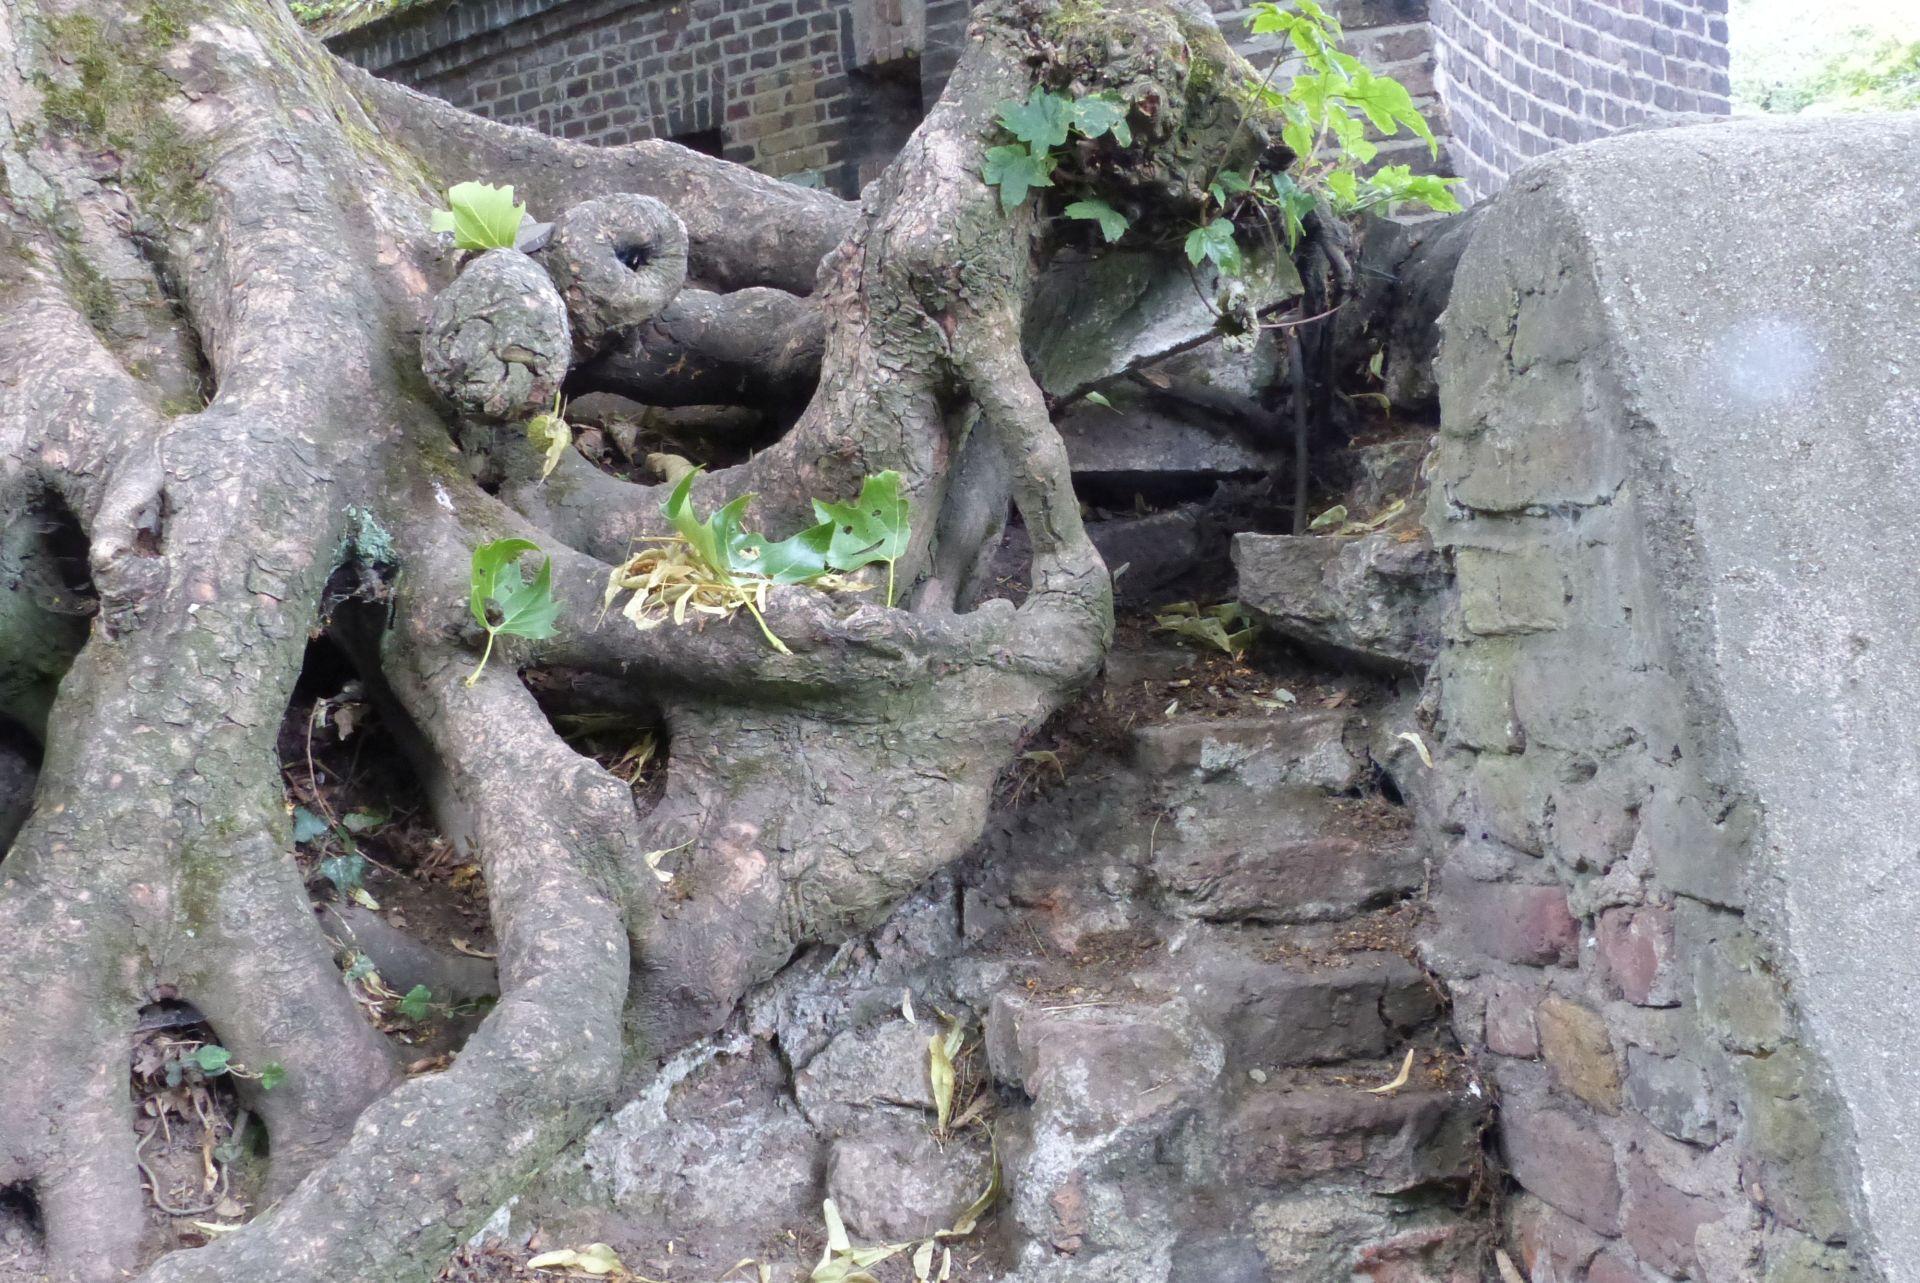 Baum mit wilden Wurzeln an Steinmauer